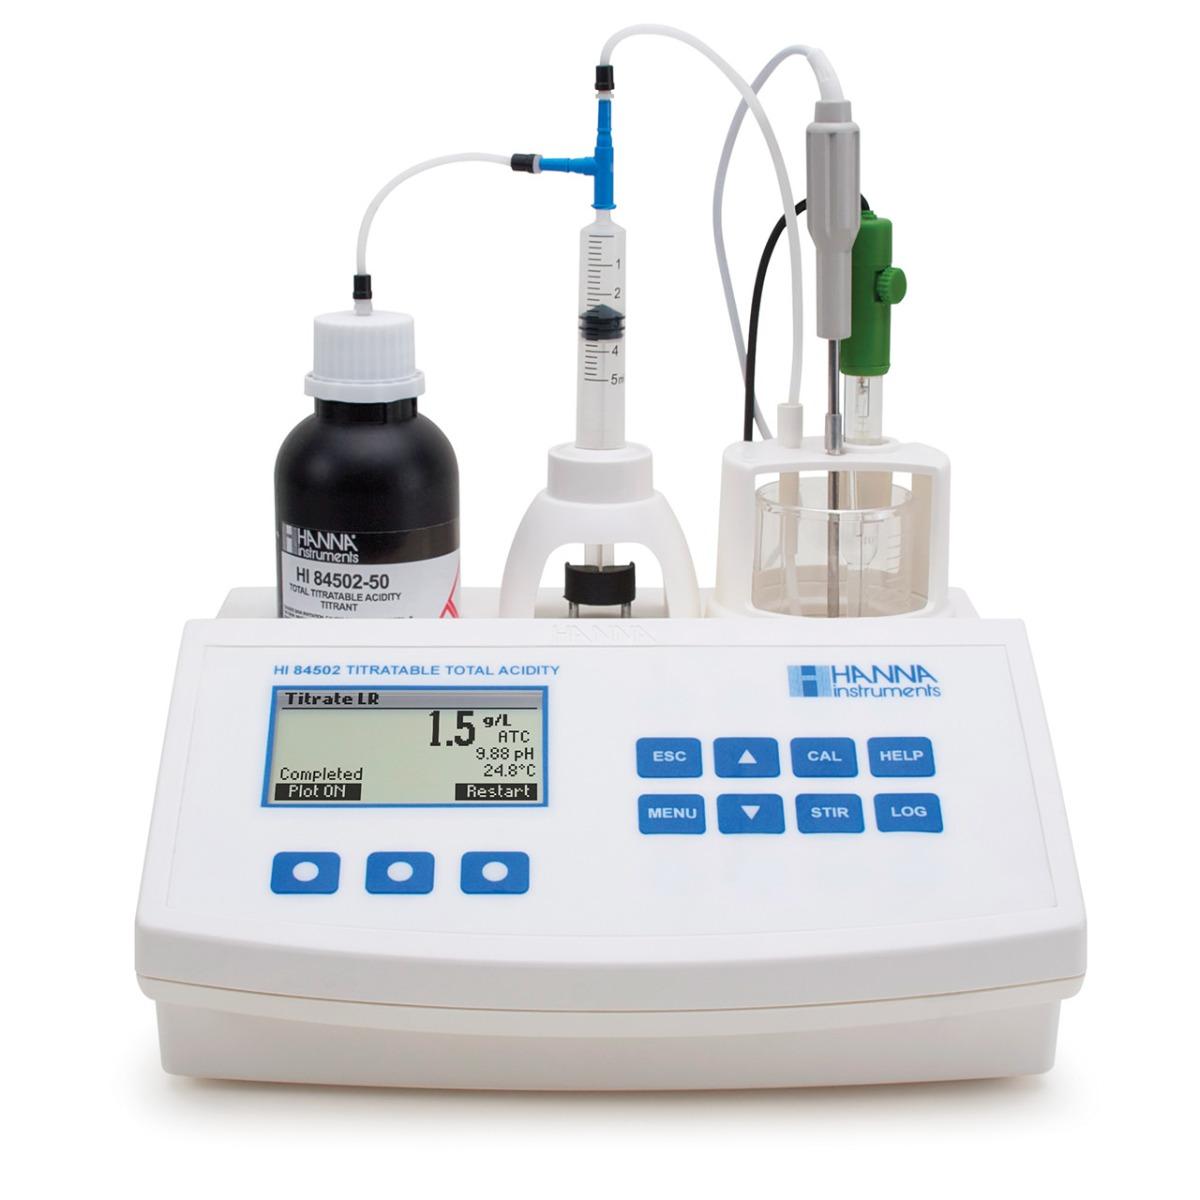 HI84502 - Minititolatore per l'analisi dell'acidità totale nel vino